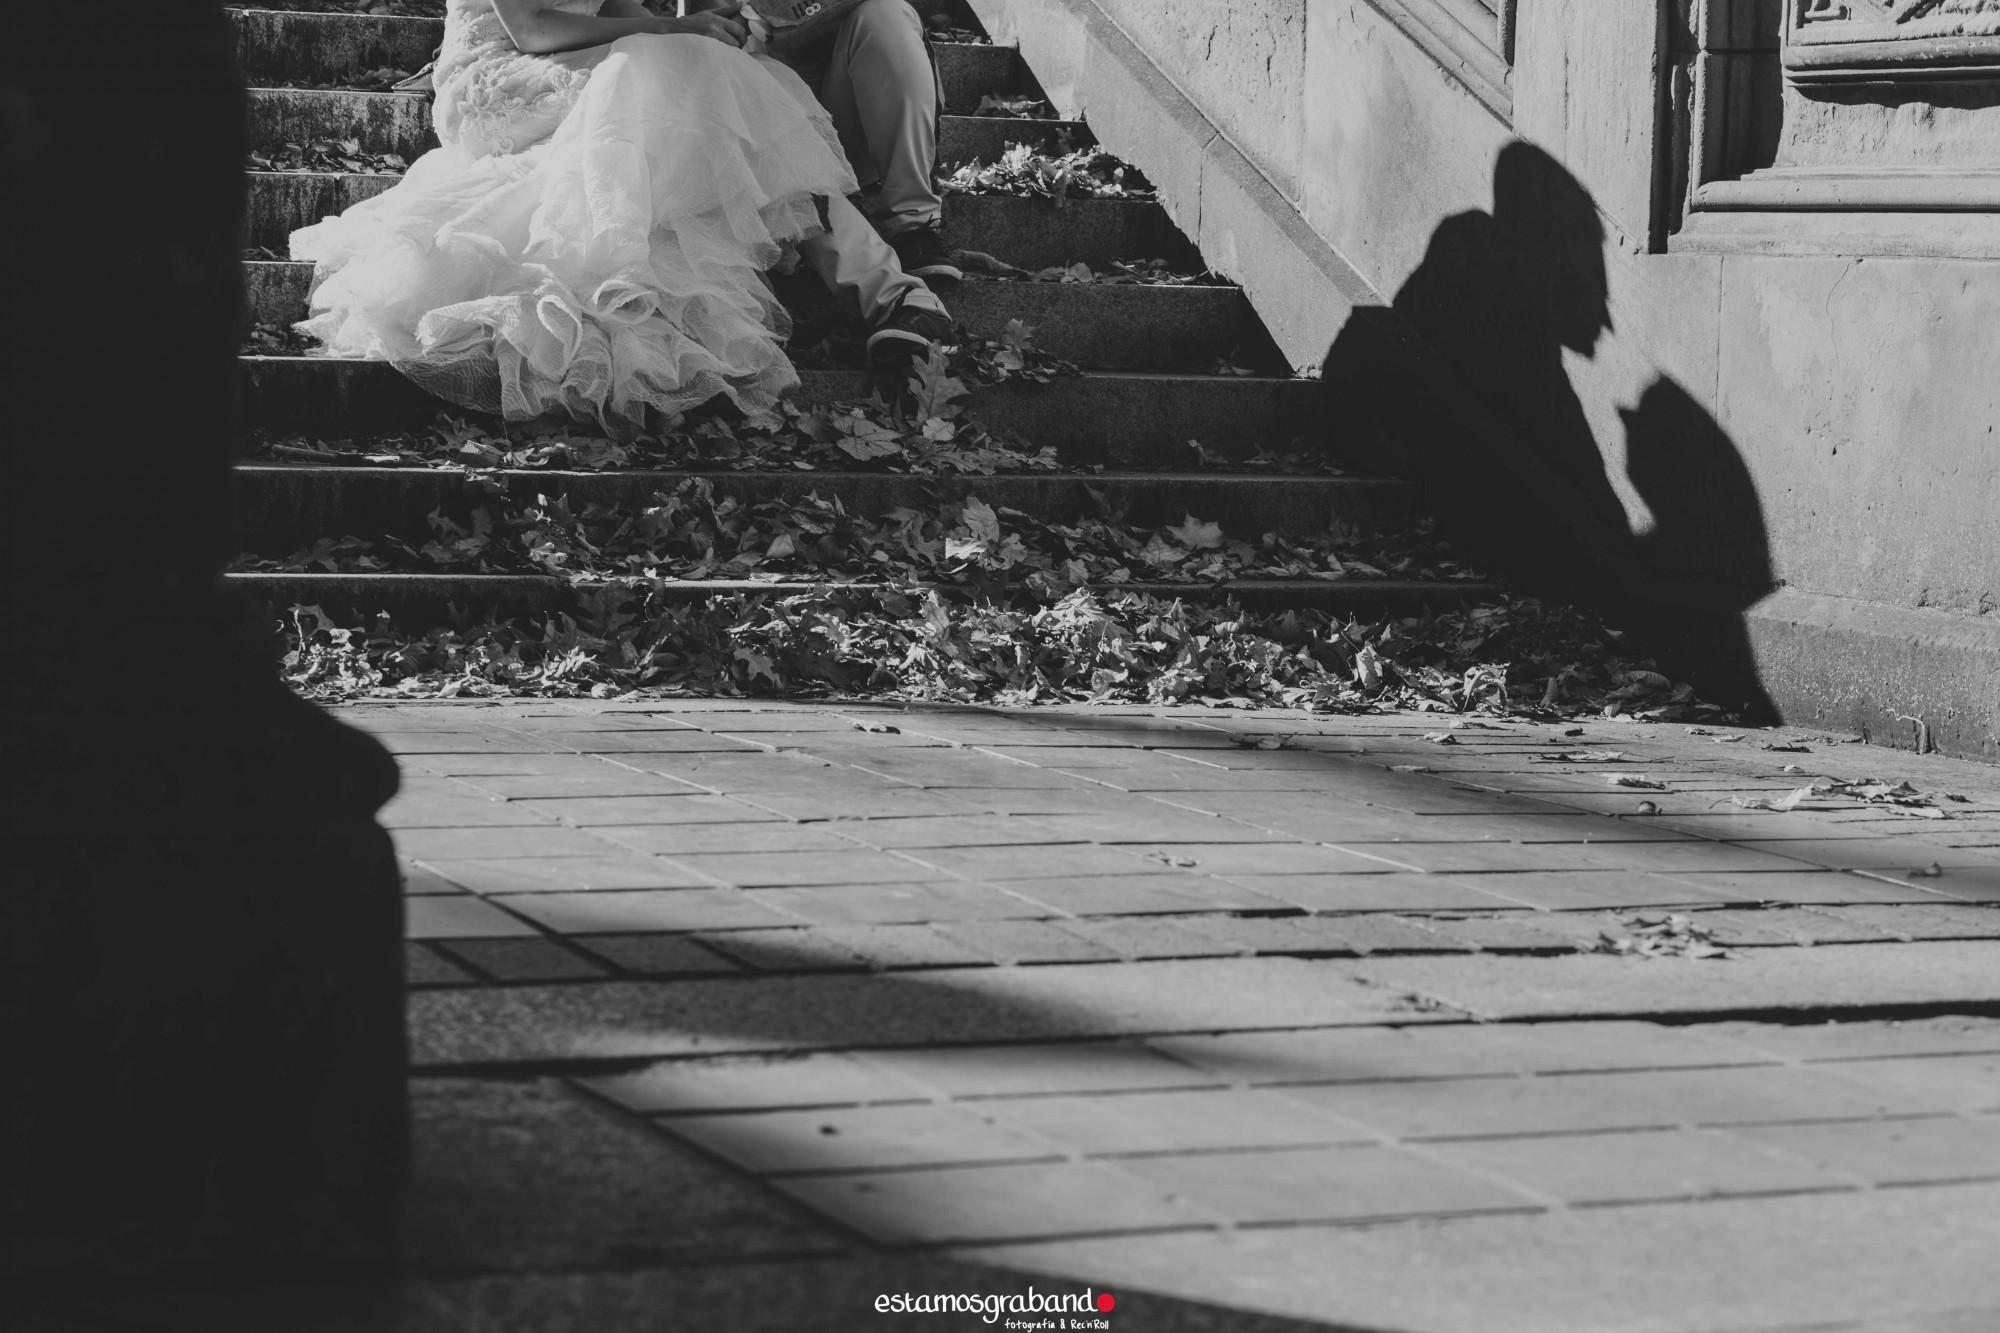 Postboda-Nueva-York-Alba-y-Jose-6-de-29 Alba & José - video boda cadiz